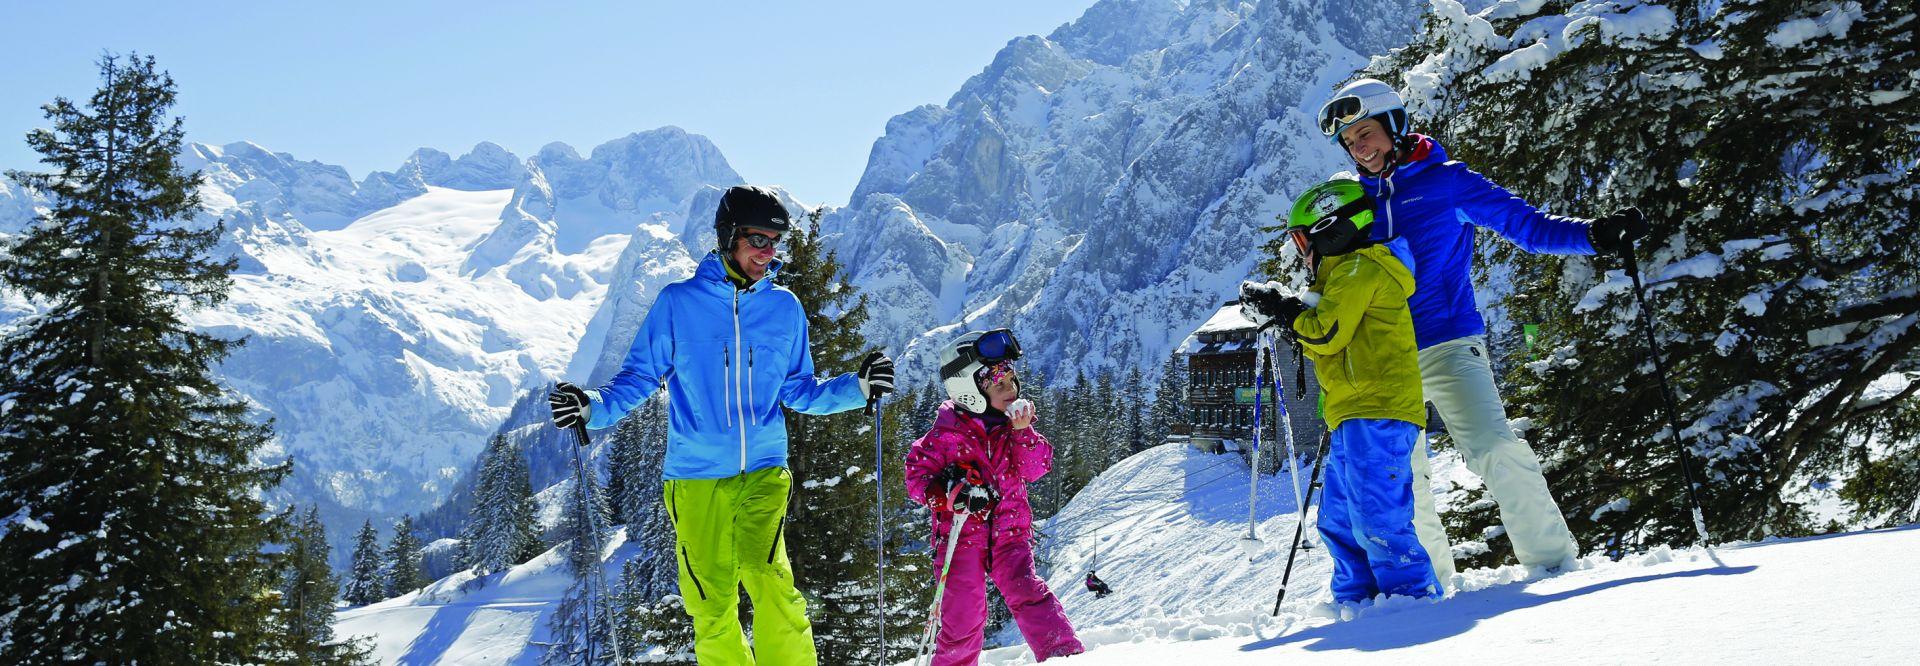 Familie auf der Skipiste beim Skifahren © Bergbahnen Dachstein West-H. Raffalt